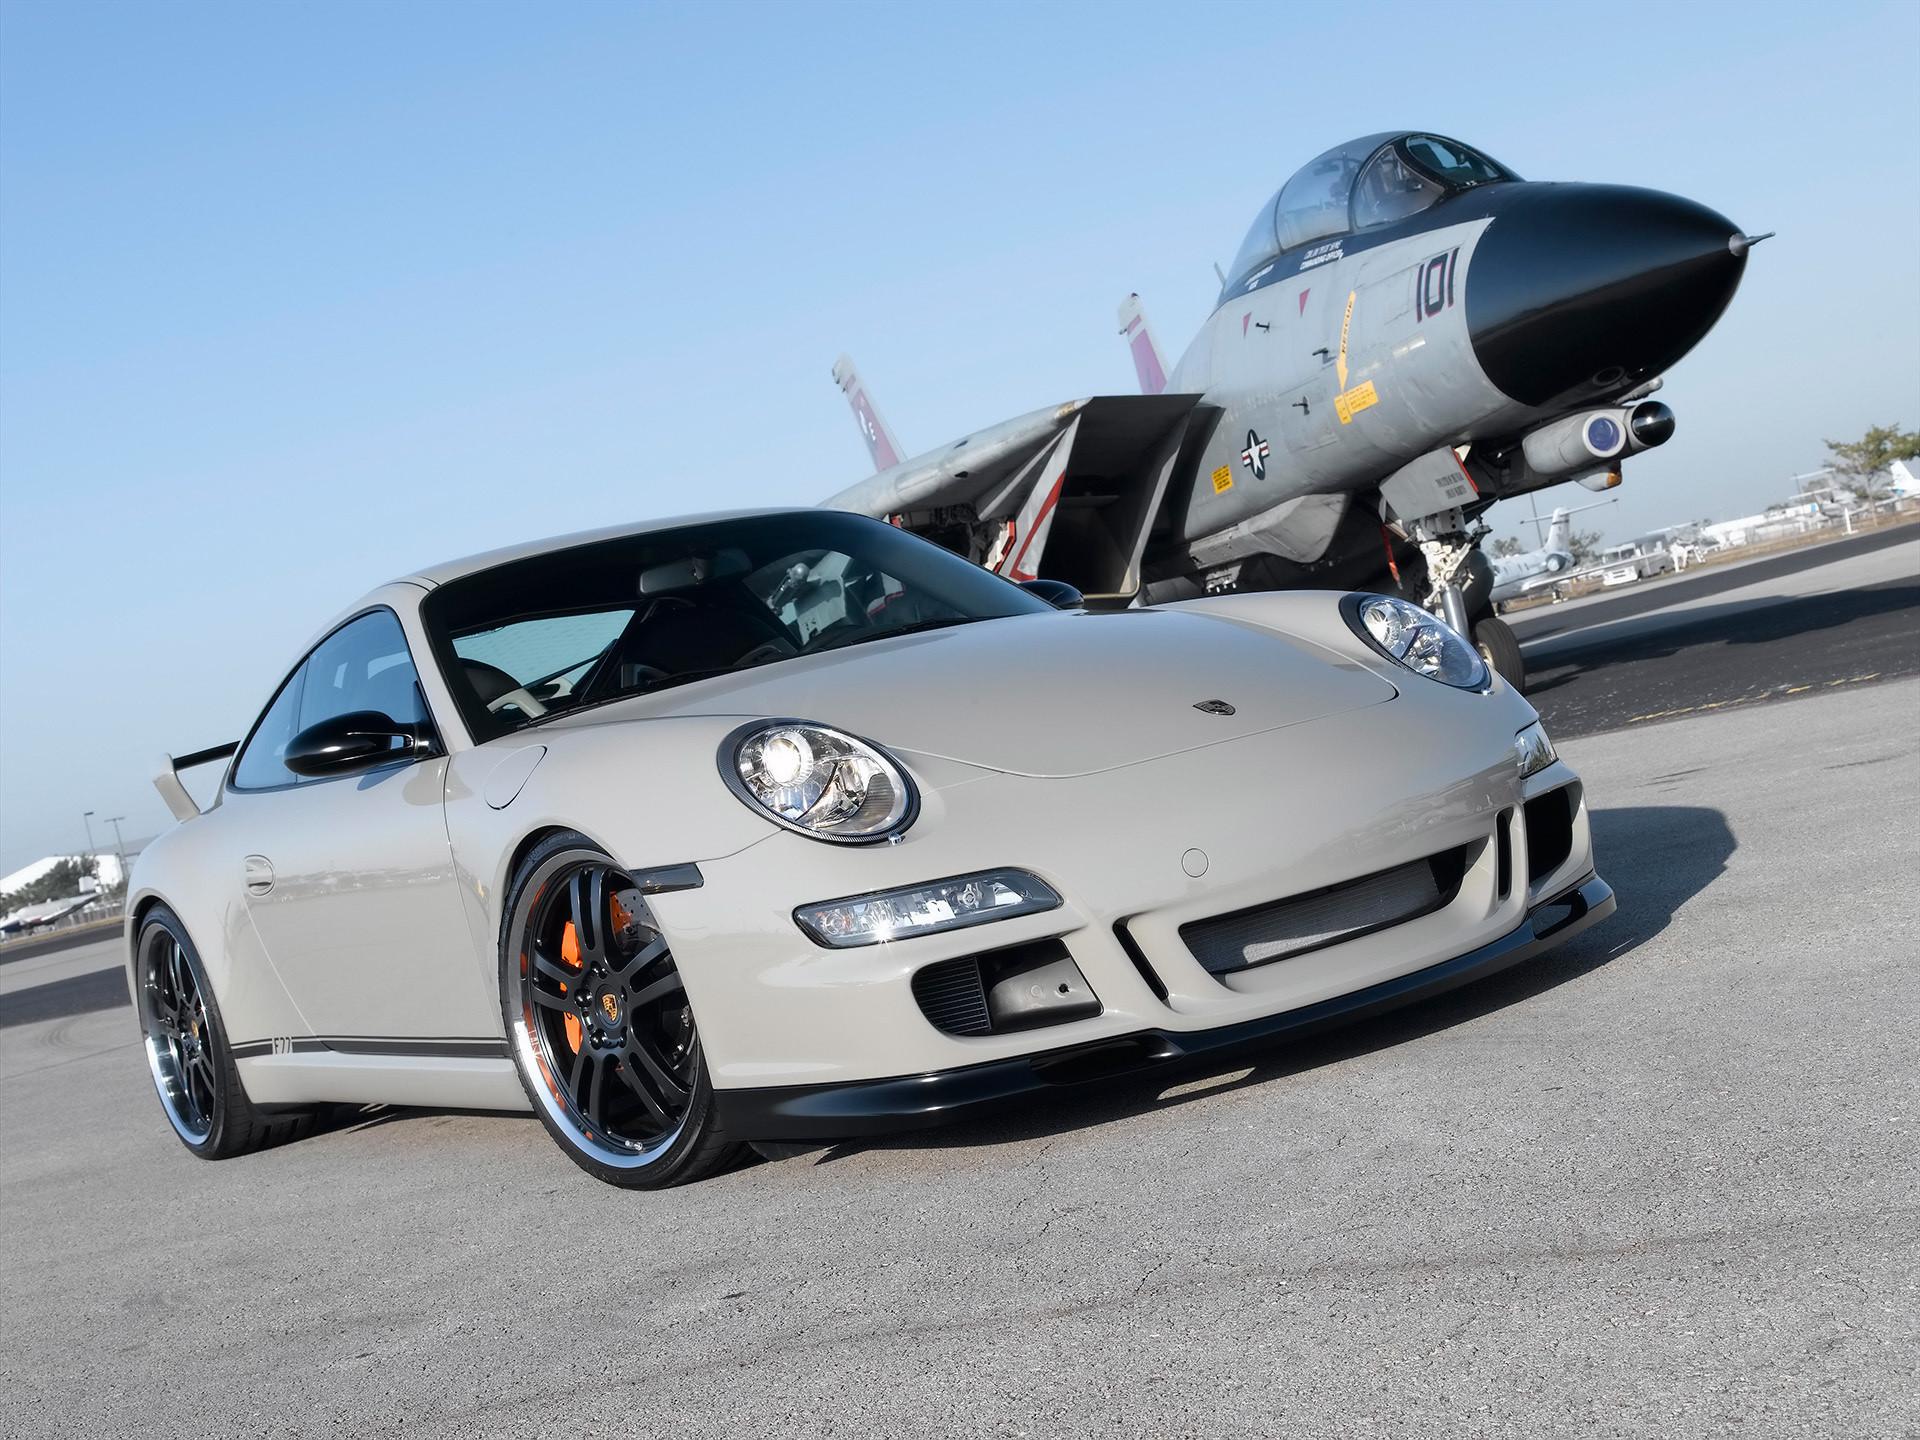 Porsche, aircraft, plane, F-14, tomcat, fighter, Champion Motorsport